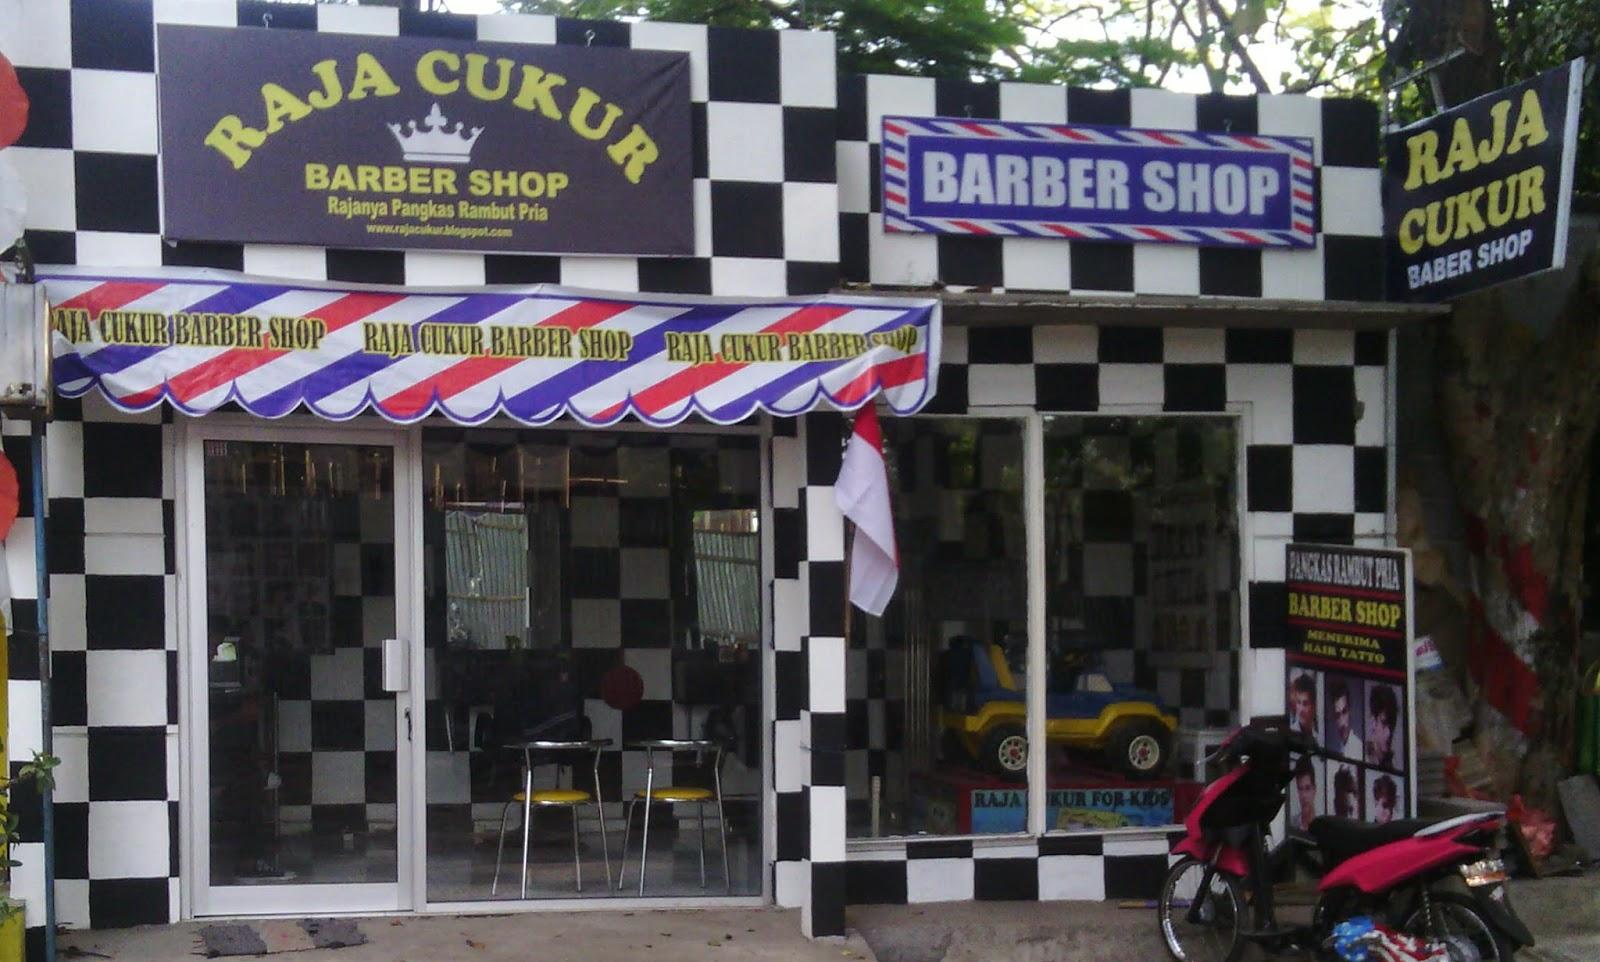 """RAJA CUKUR BARBERSHOP (Pusat franchise dan kursus barbershop cukur di  indonesia)  FRANCHISE BARBERSHOP MURAH   TANPA ROYALTY """"RAJA CUKUR"""" dan  PELATIHAN ... defd85a997"""